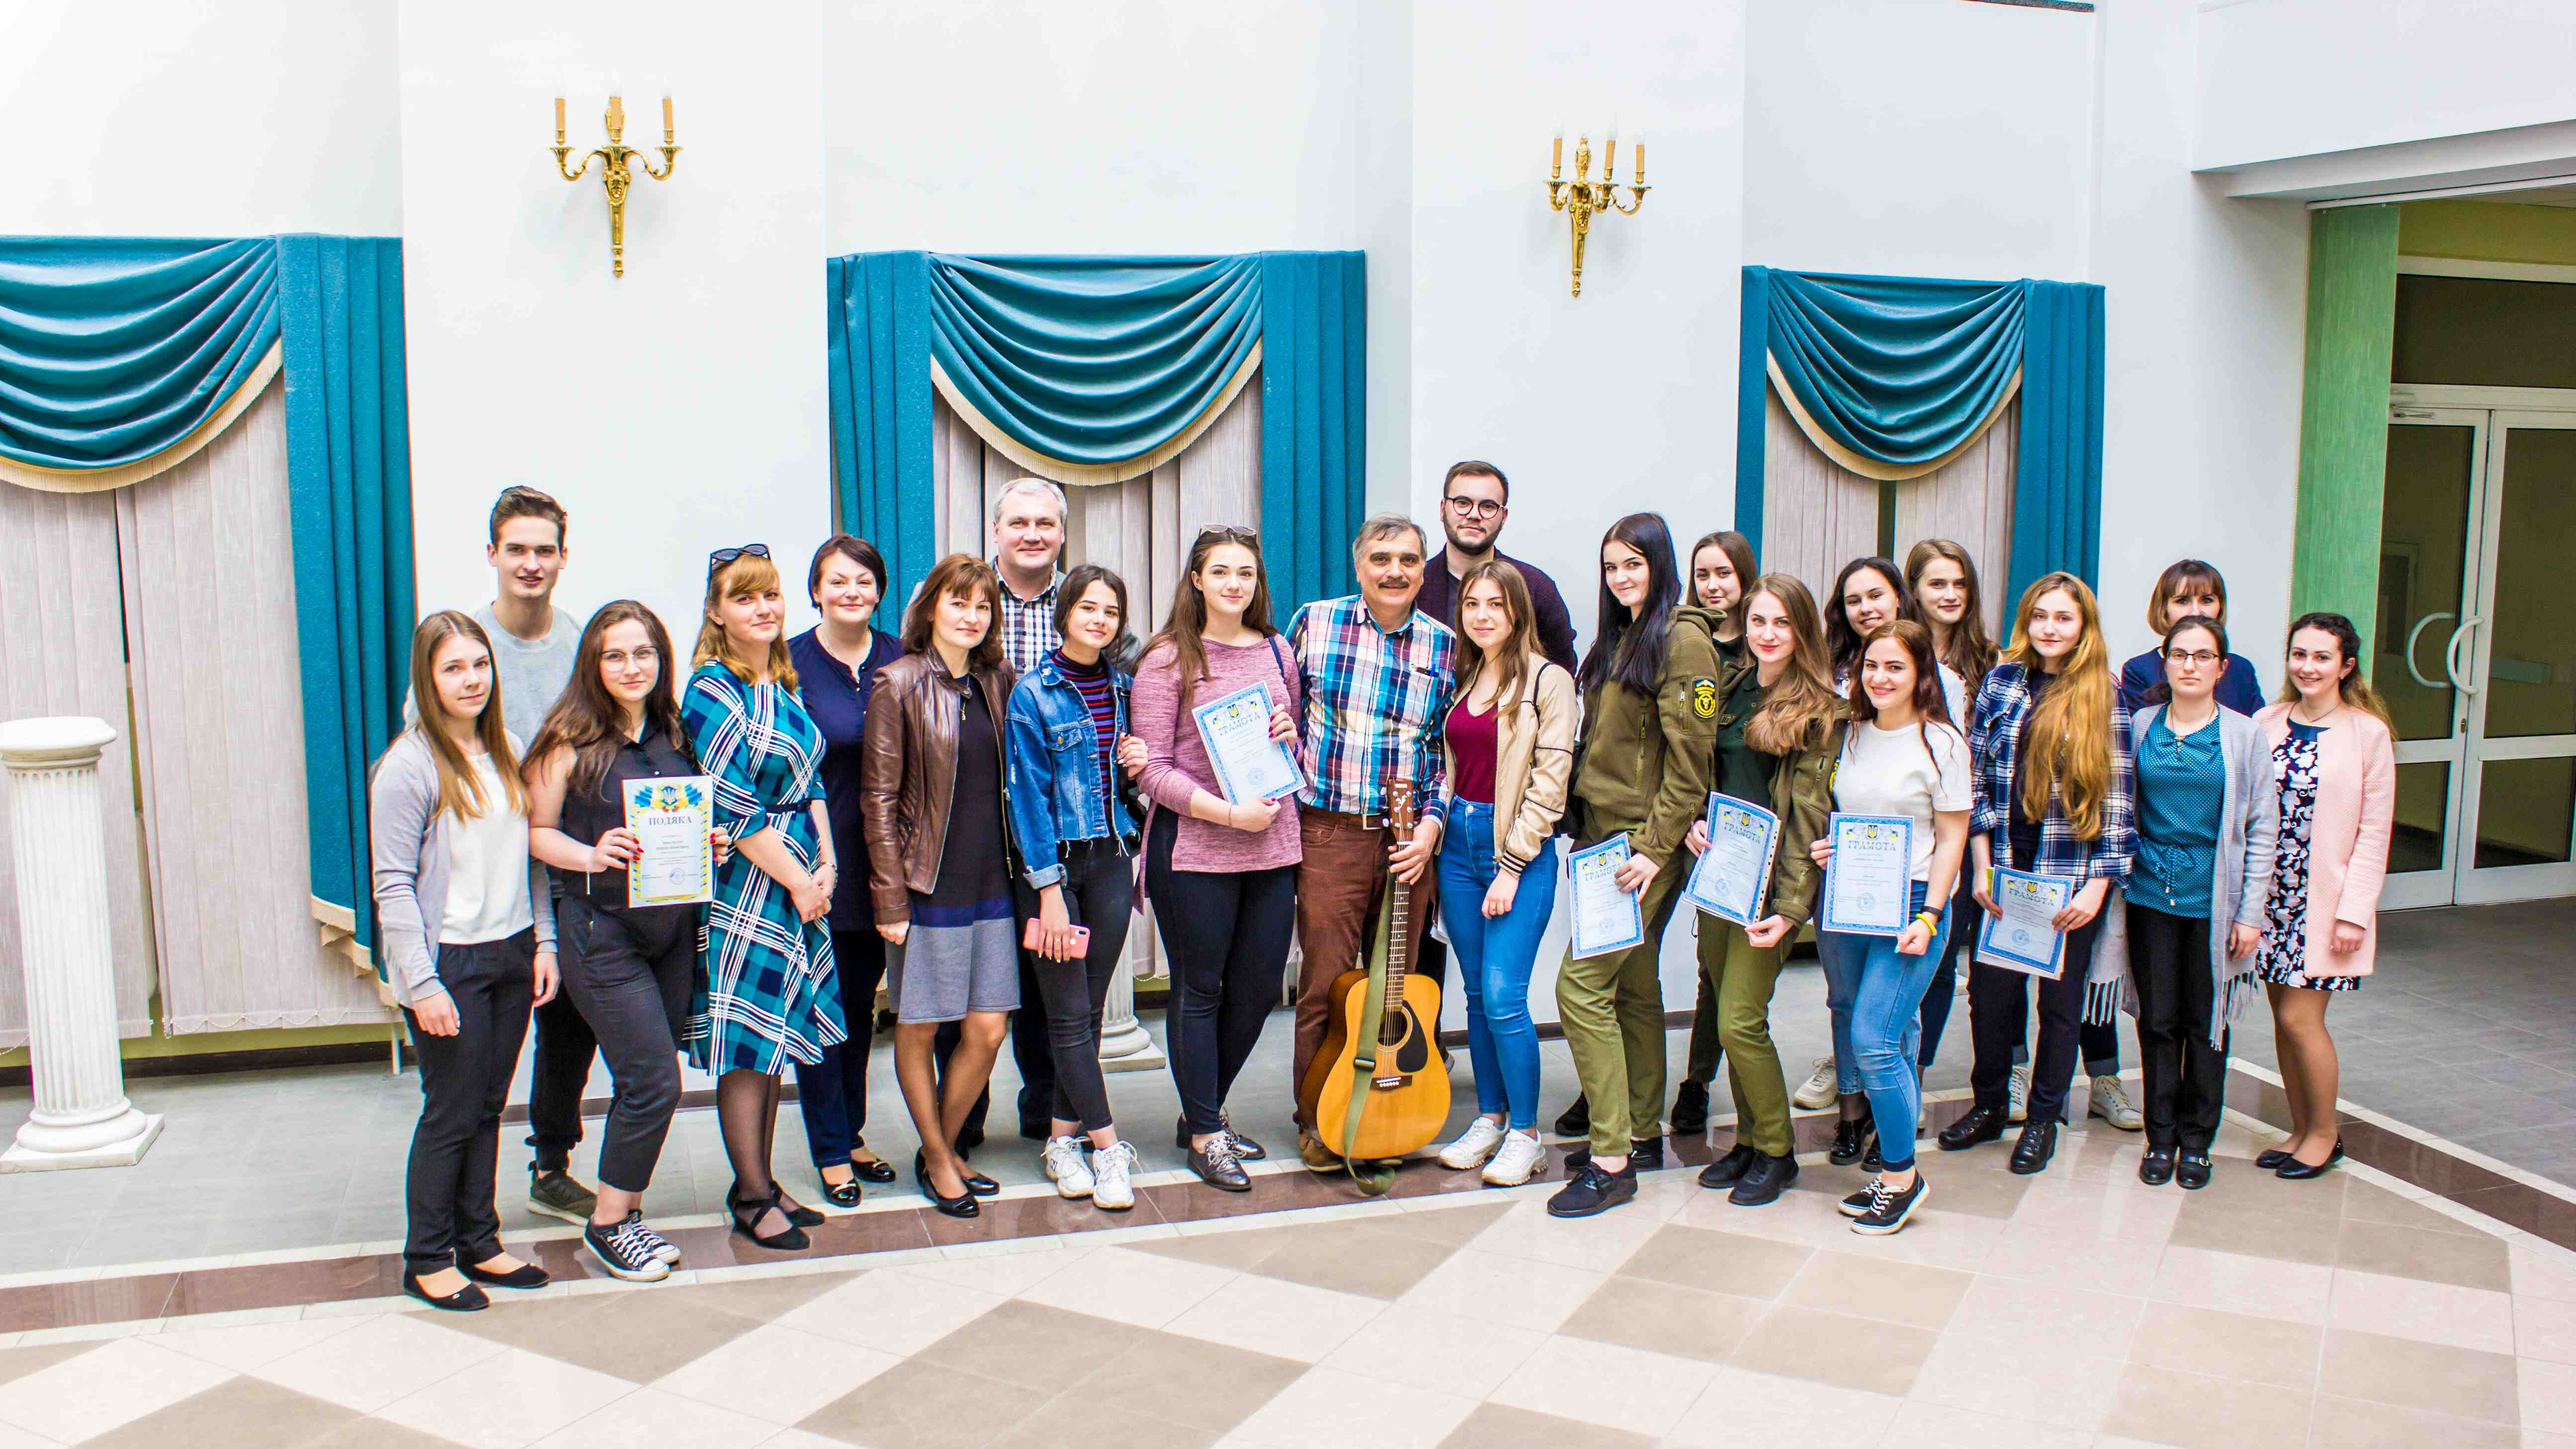 У НУДФСУ відбулася конференція «Актуальні проблеми сучасності в контексті соціально-психологічного знання»